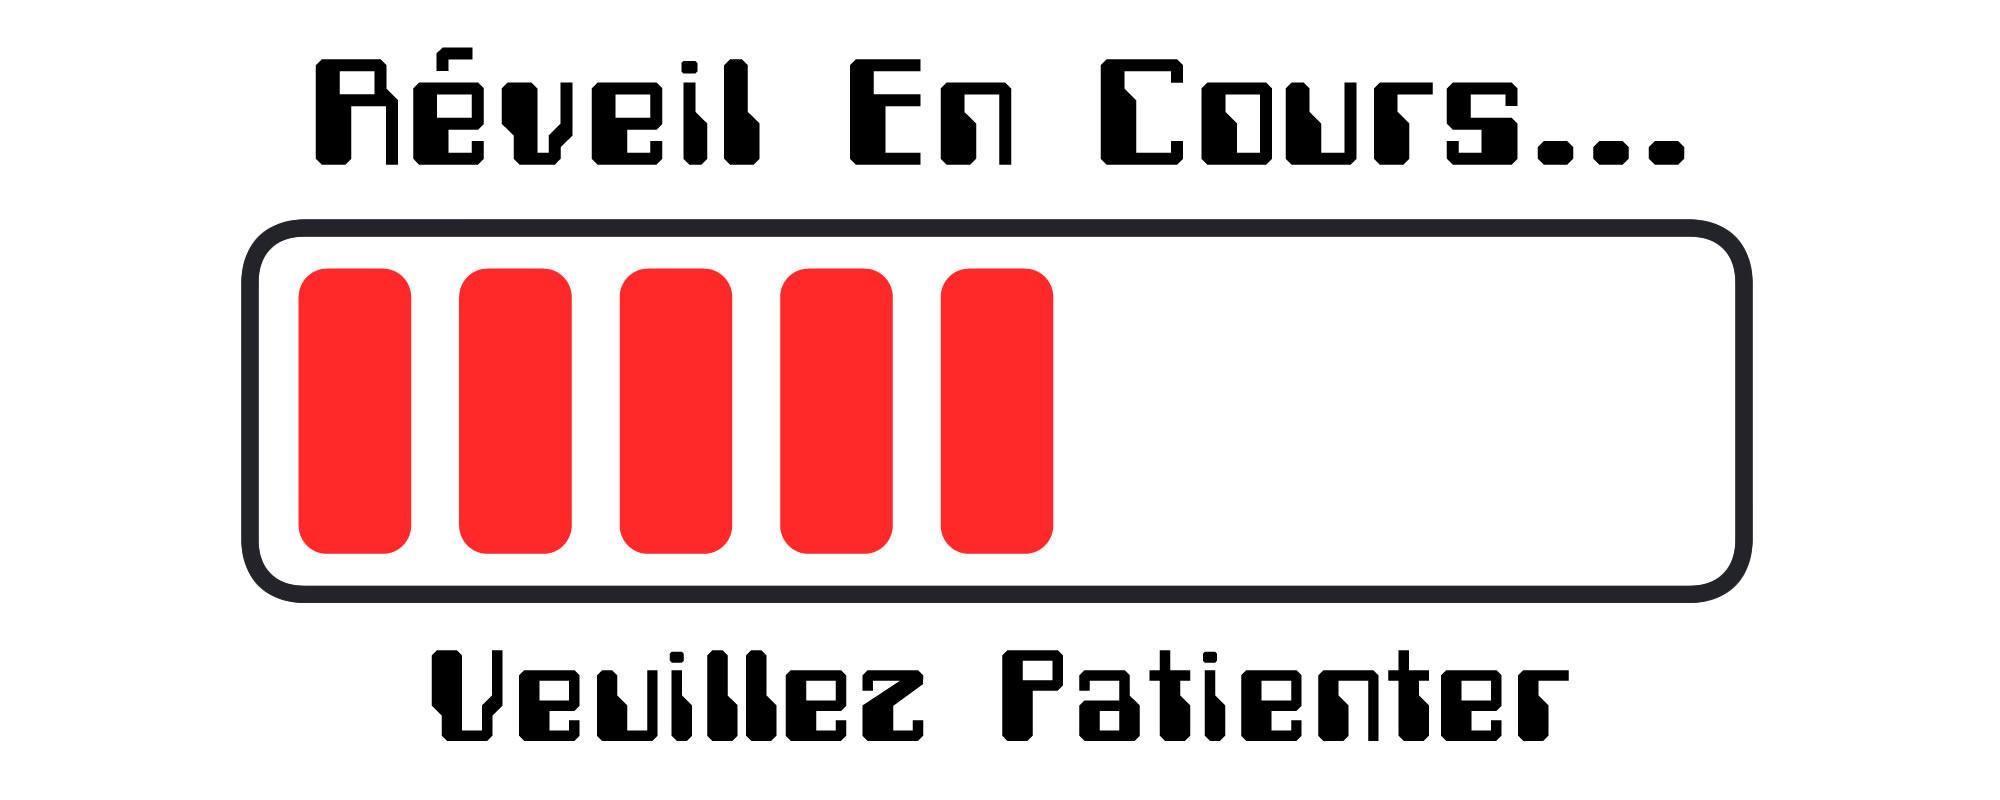 revail-en-cours-veuillez-patienter.jpg